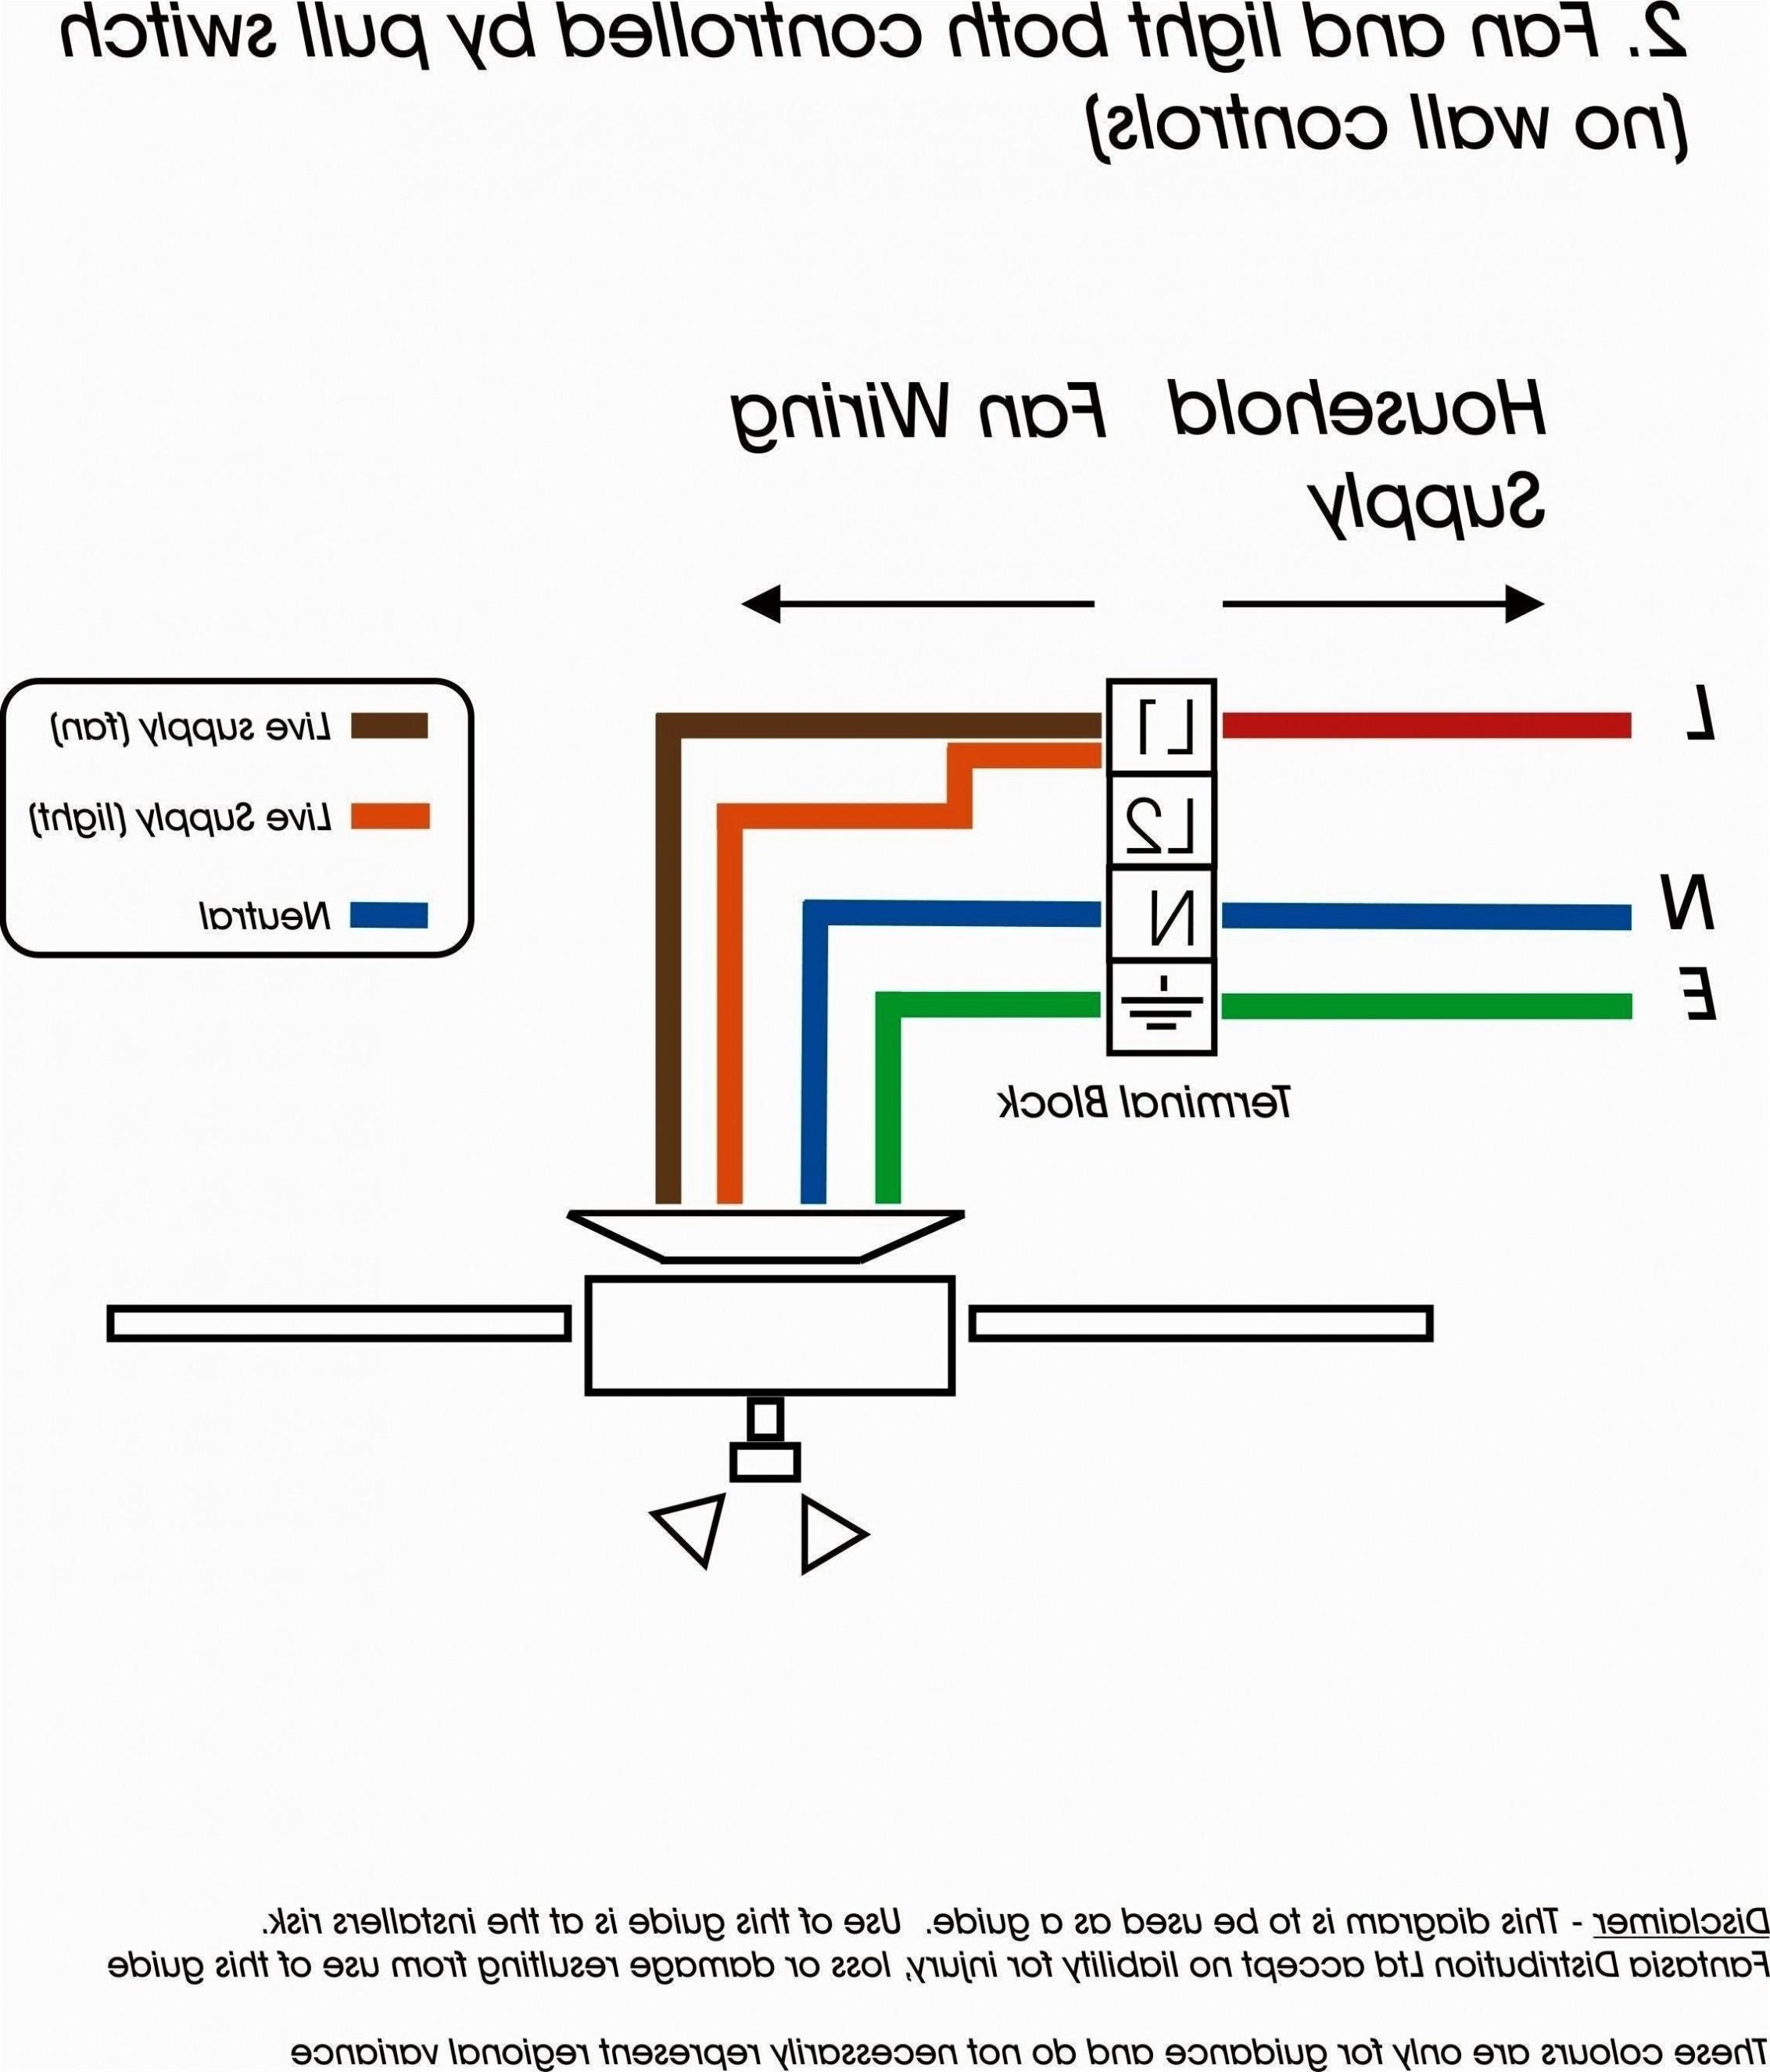 3 Phase Wiring Diagram 3 Phase Motor Wiring Diagram 9 Leads List 3 Phase Wire Diagram Of 3 Phase Wiring Diagram Wiring Diagram Three Phase Generator Best 3 Phase Wiring Diagram